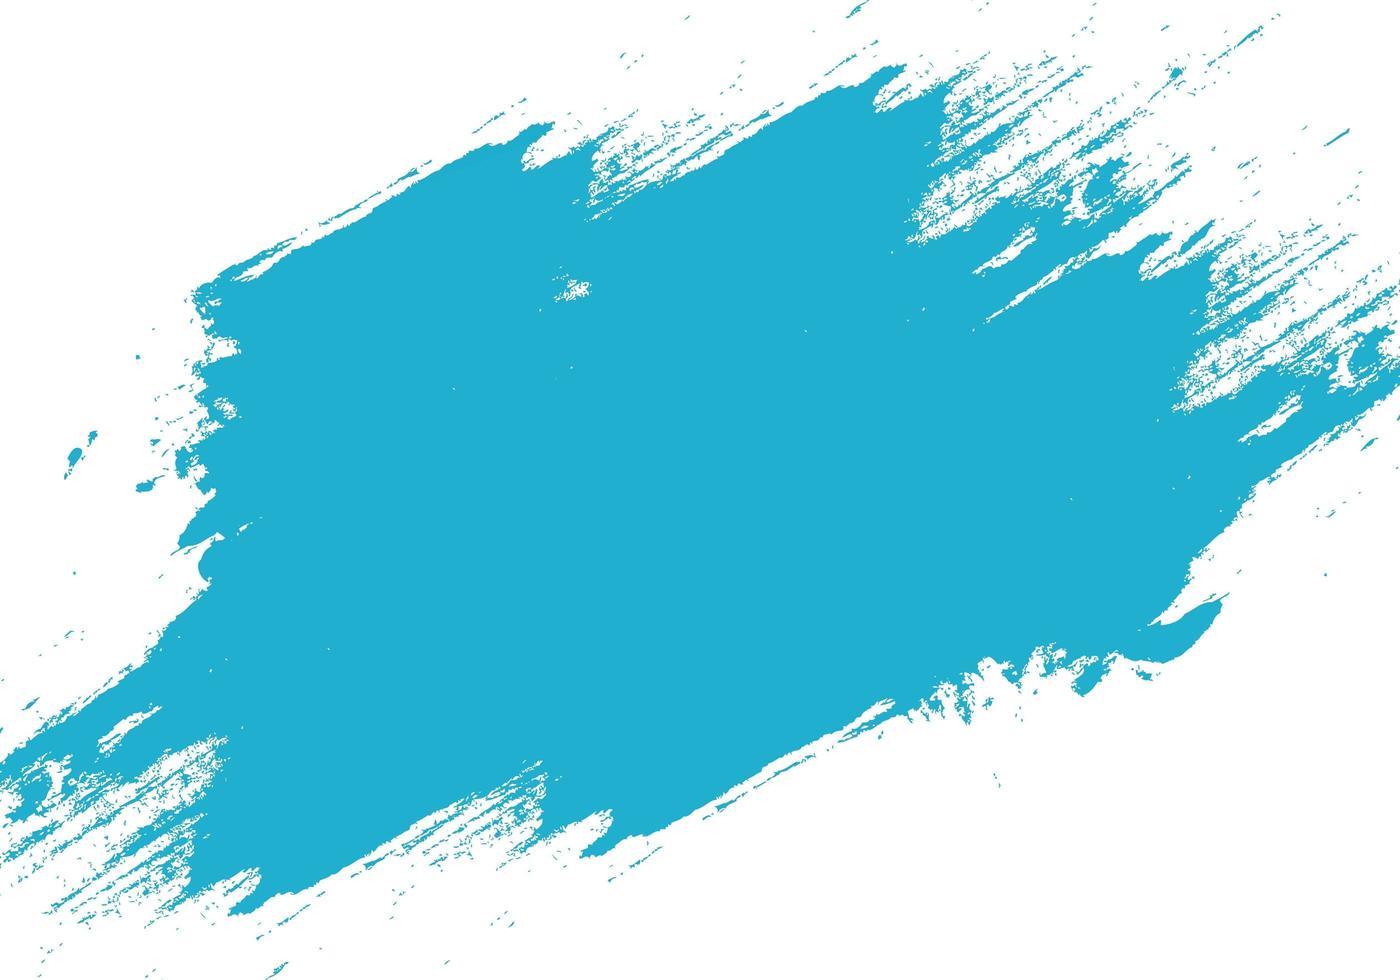 moderne blaue Grunge Pinselstrich Textur vektor